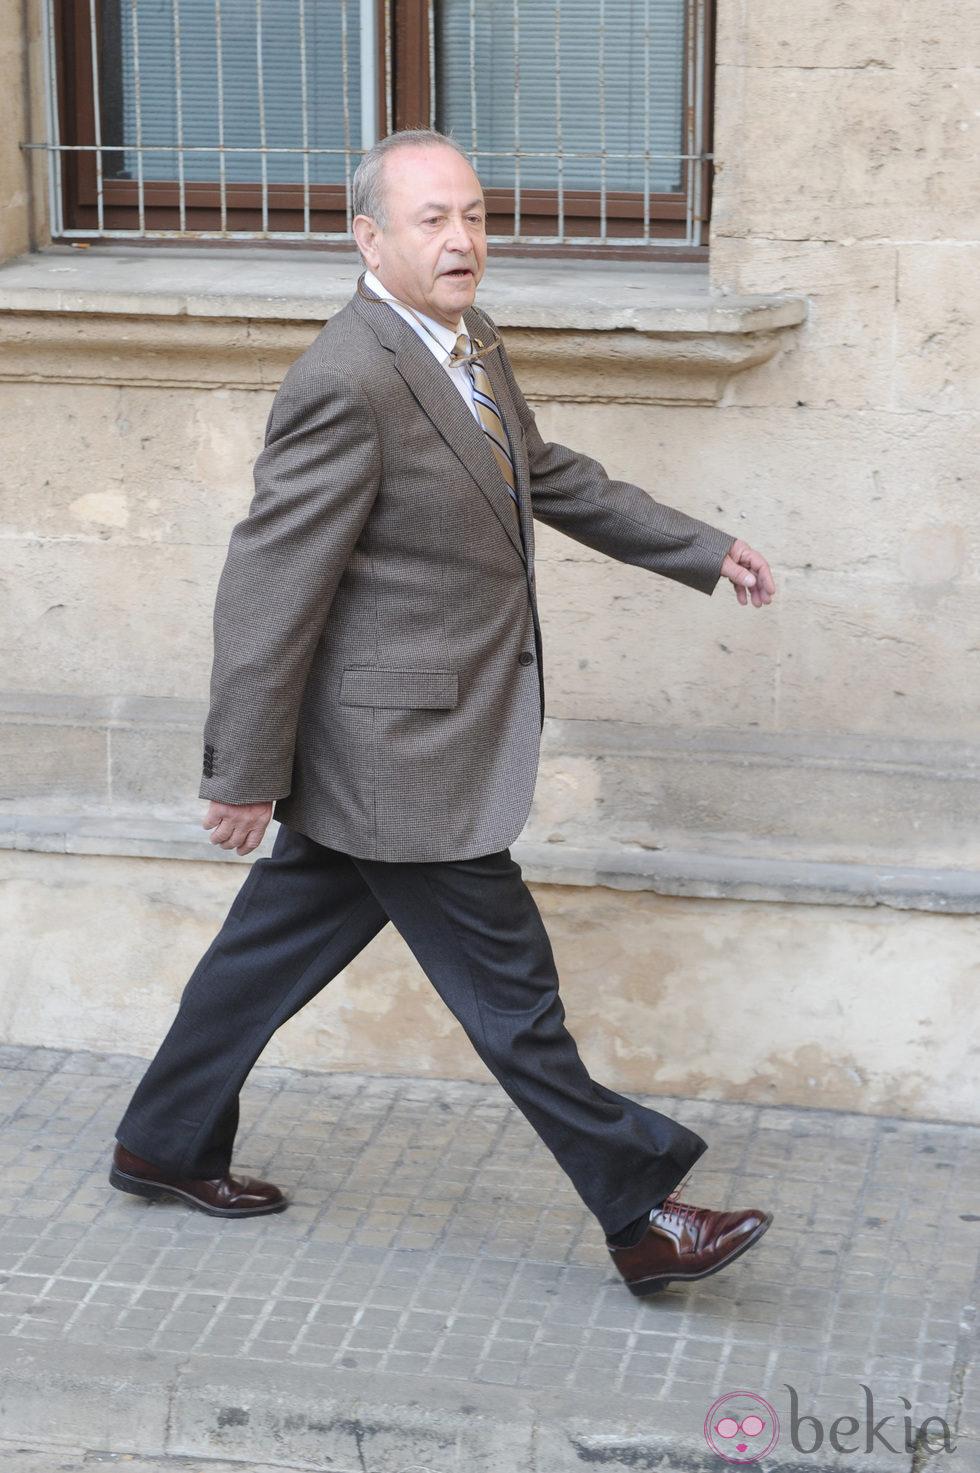 El juez José Castro a su llegada al juzgado de Palma de Mallorca